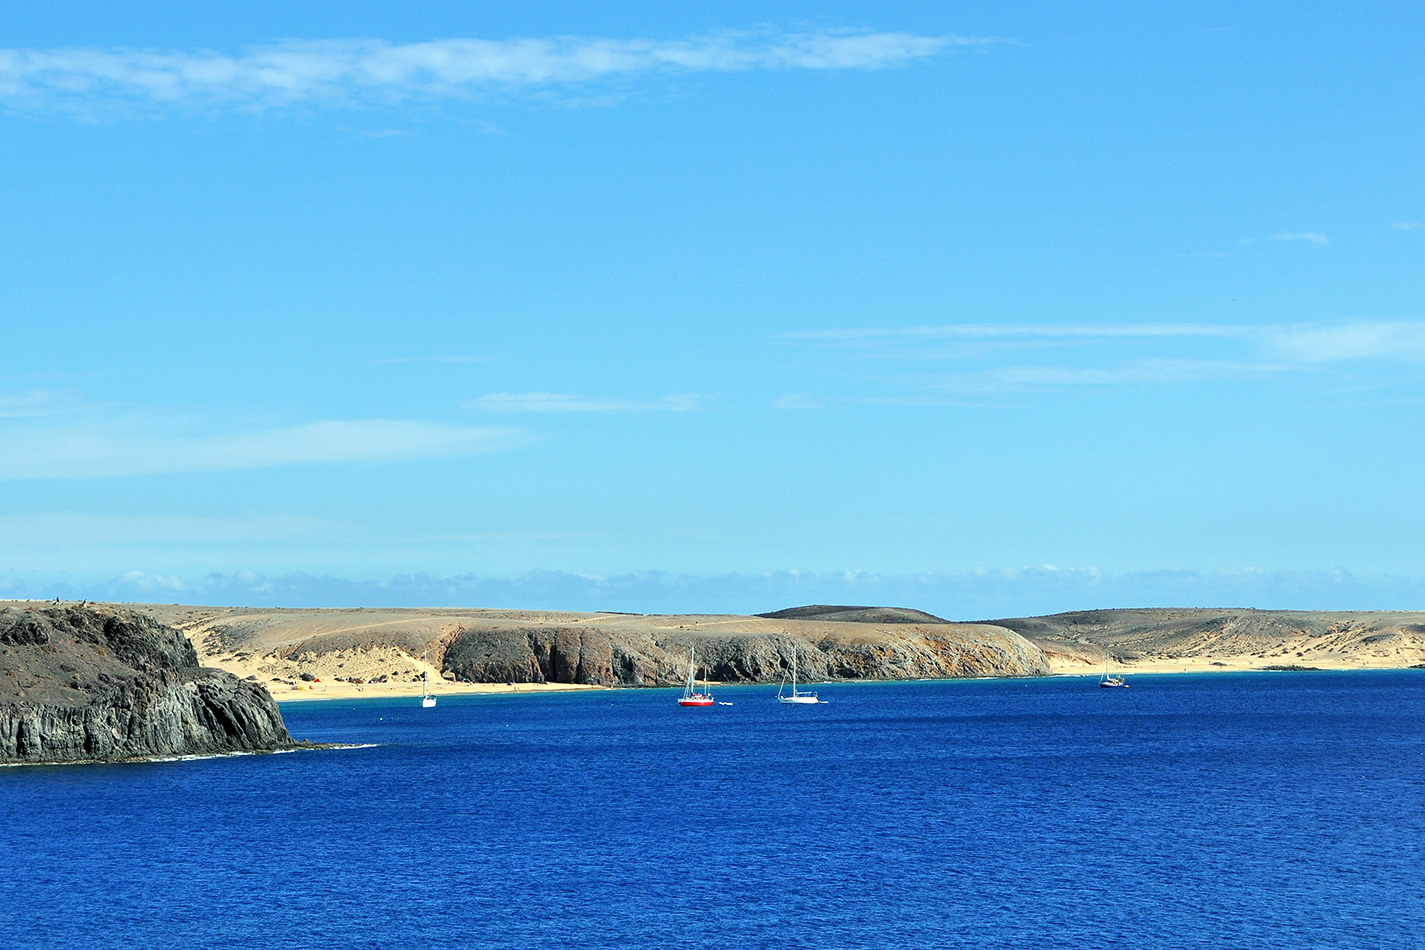 Sailndream : location de voiliers aux îles Canaries, location de bateaux aux îles Canaries